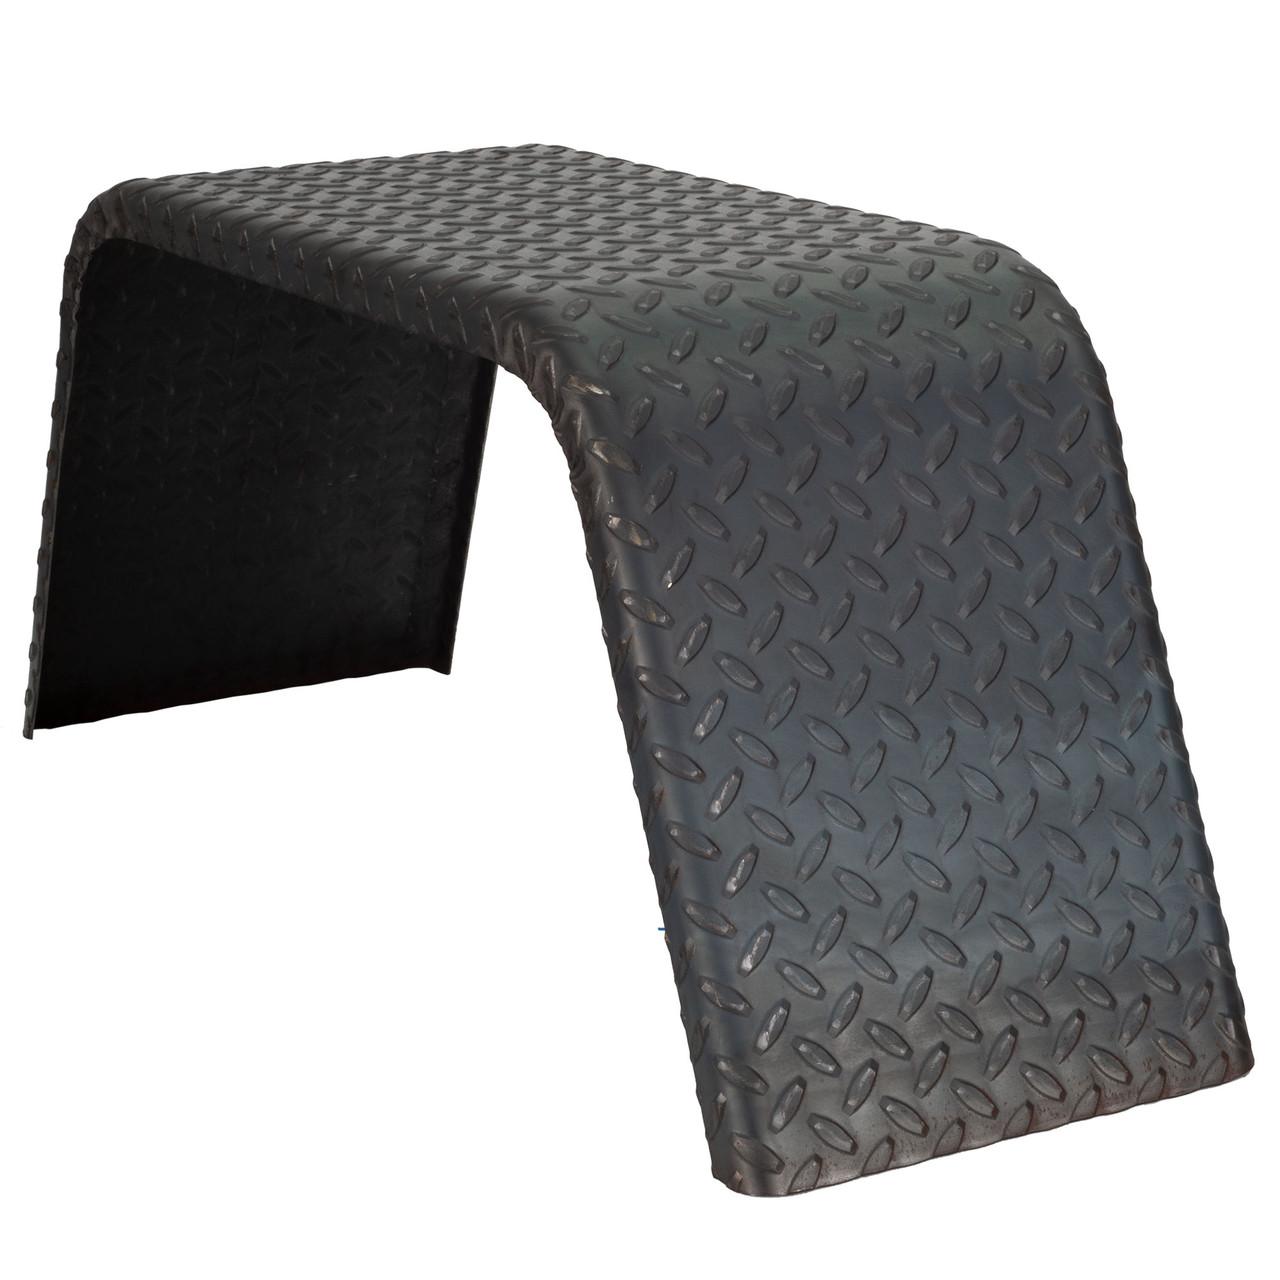 Steel Diamond Plate Single Axle Trailer Fenders 32 X 13 X 10 Recpro